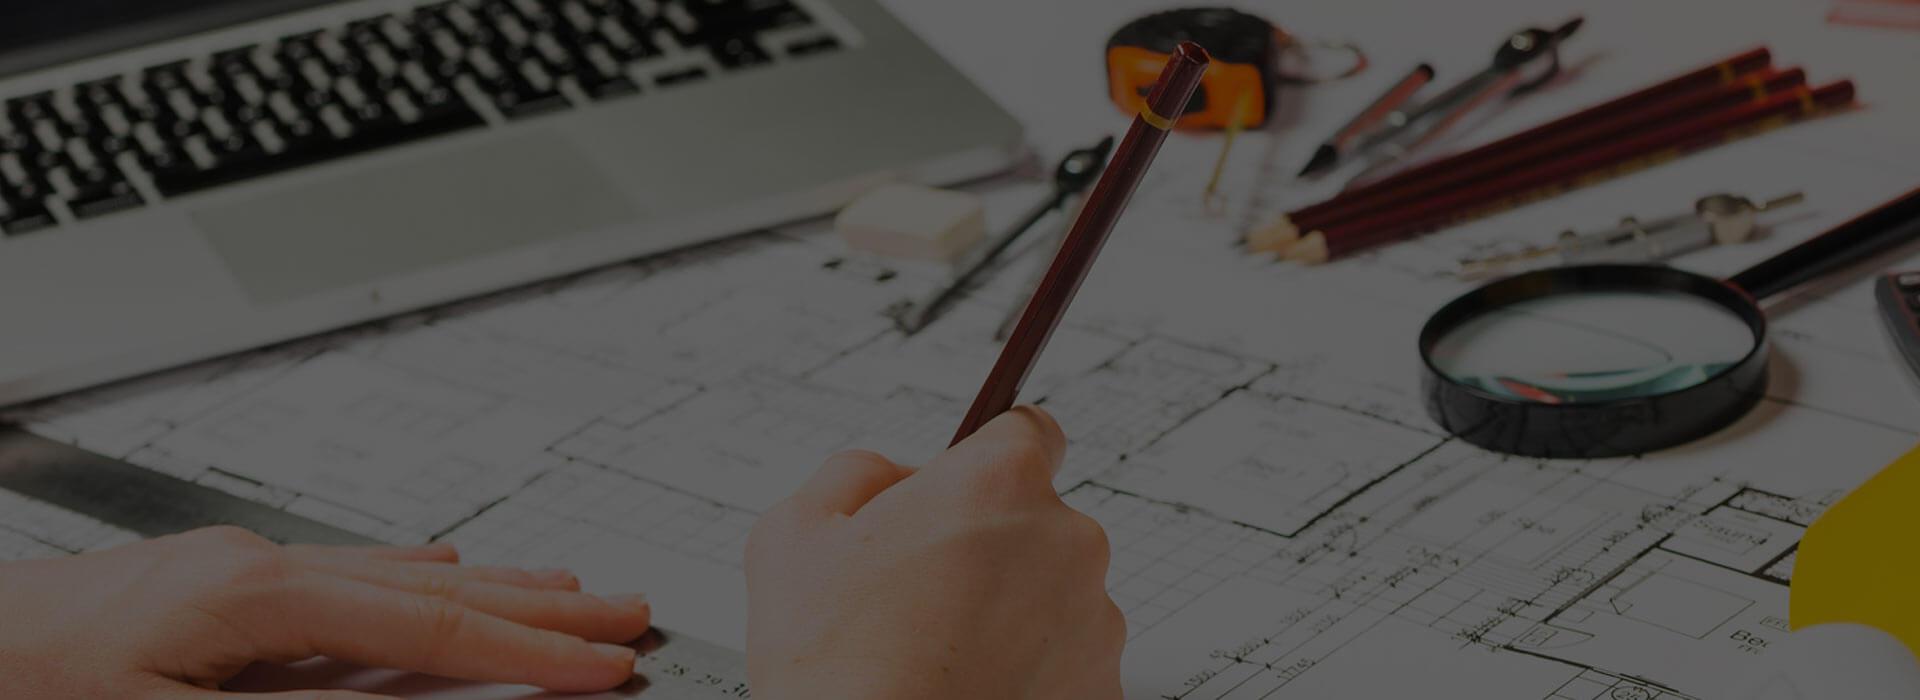 K12 Content Assessment Development Services Assessment Development